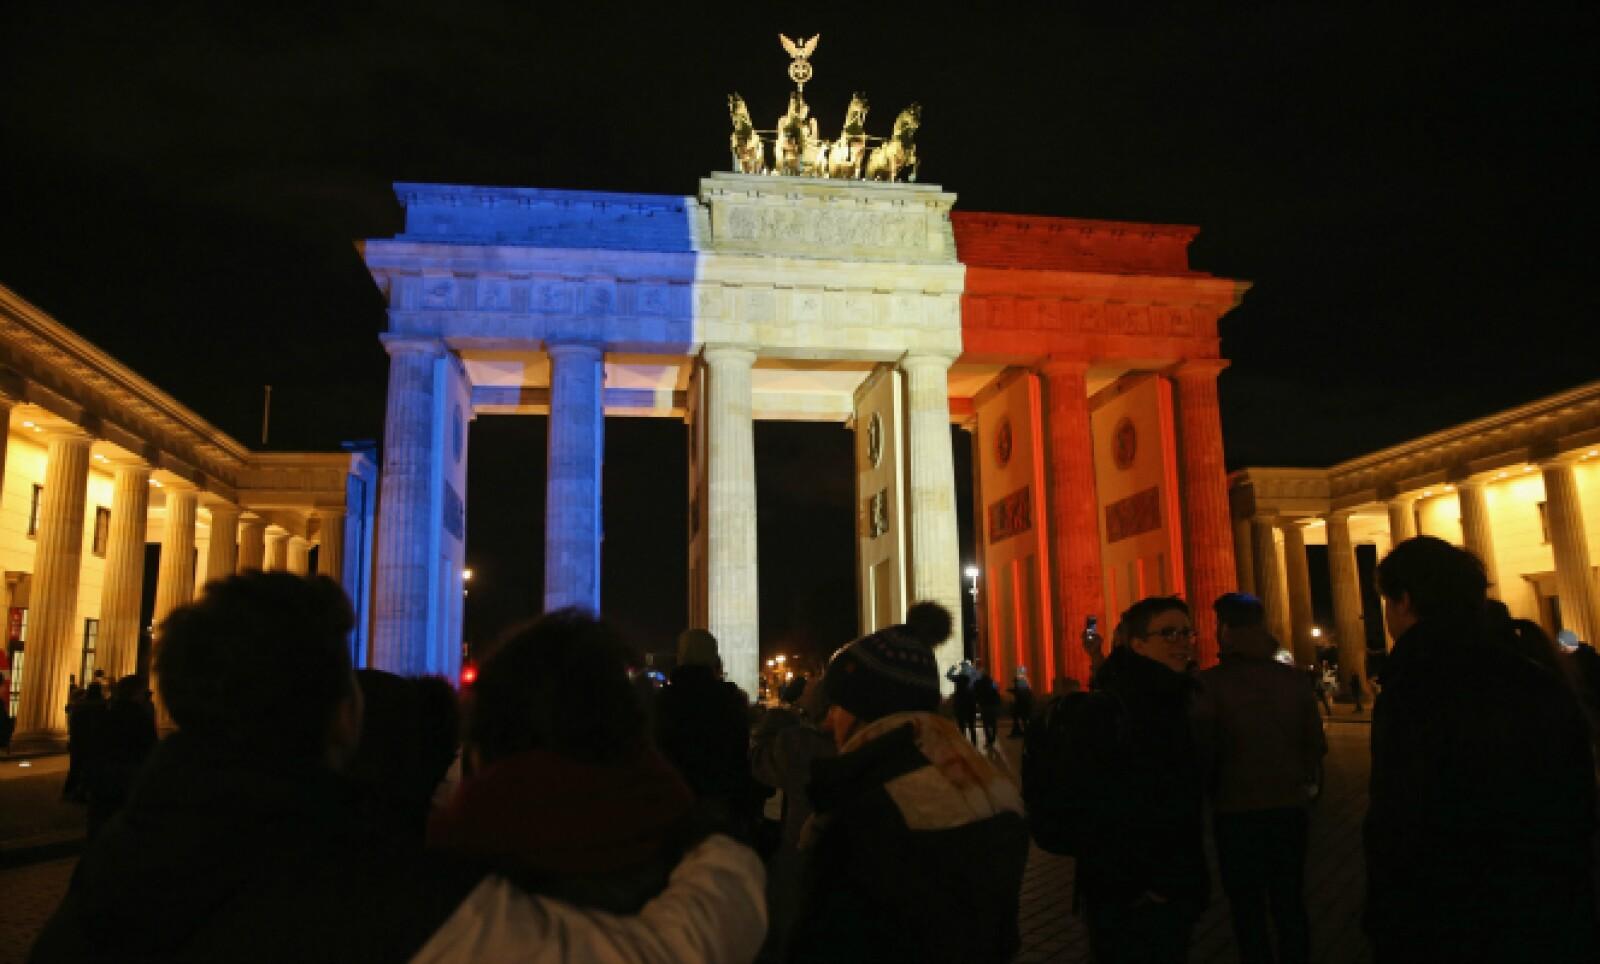 La puerta de Brandenburgo, en Alemania. Miles de personas acudieron a mostrar su solidaridad con las víctimas parisinas.